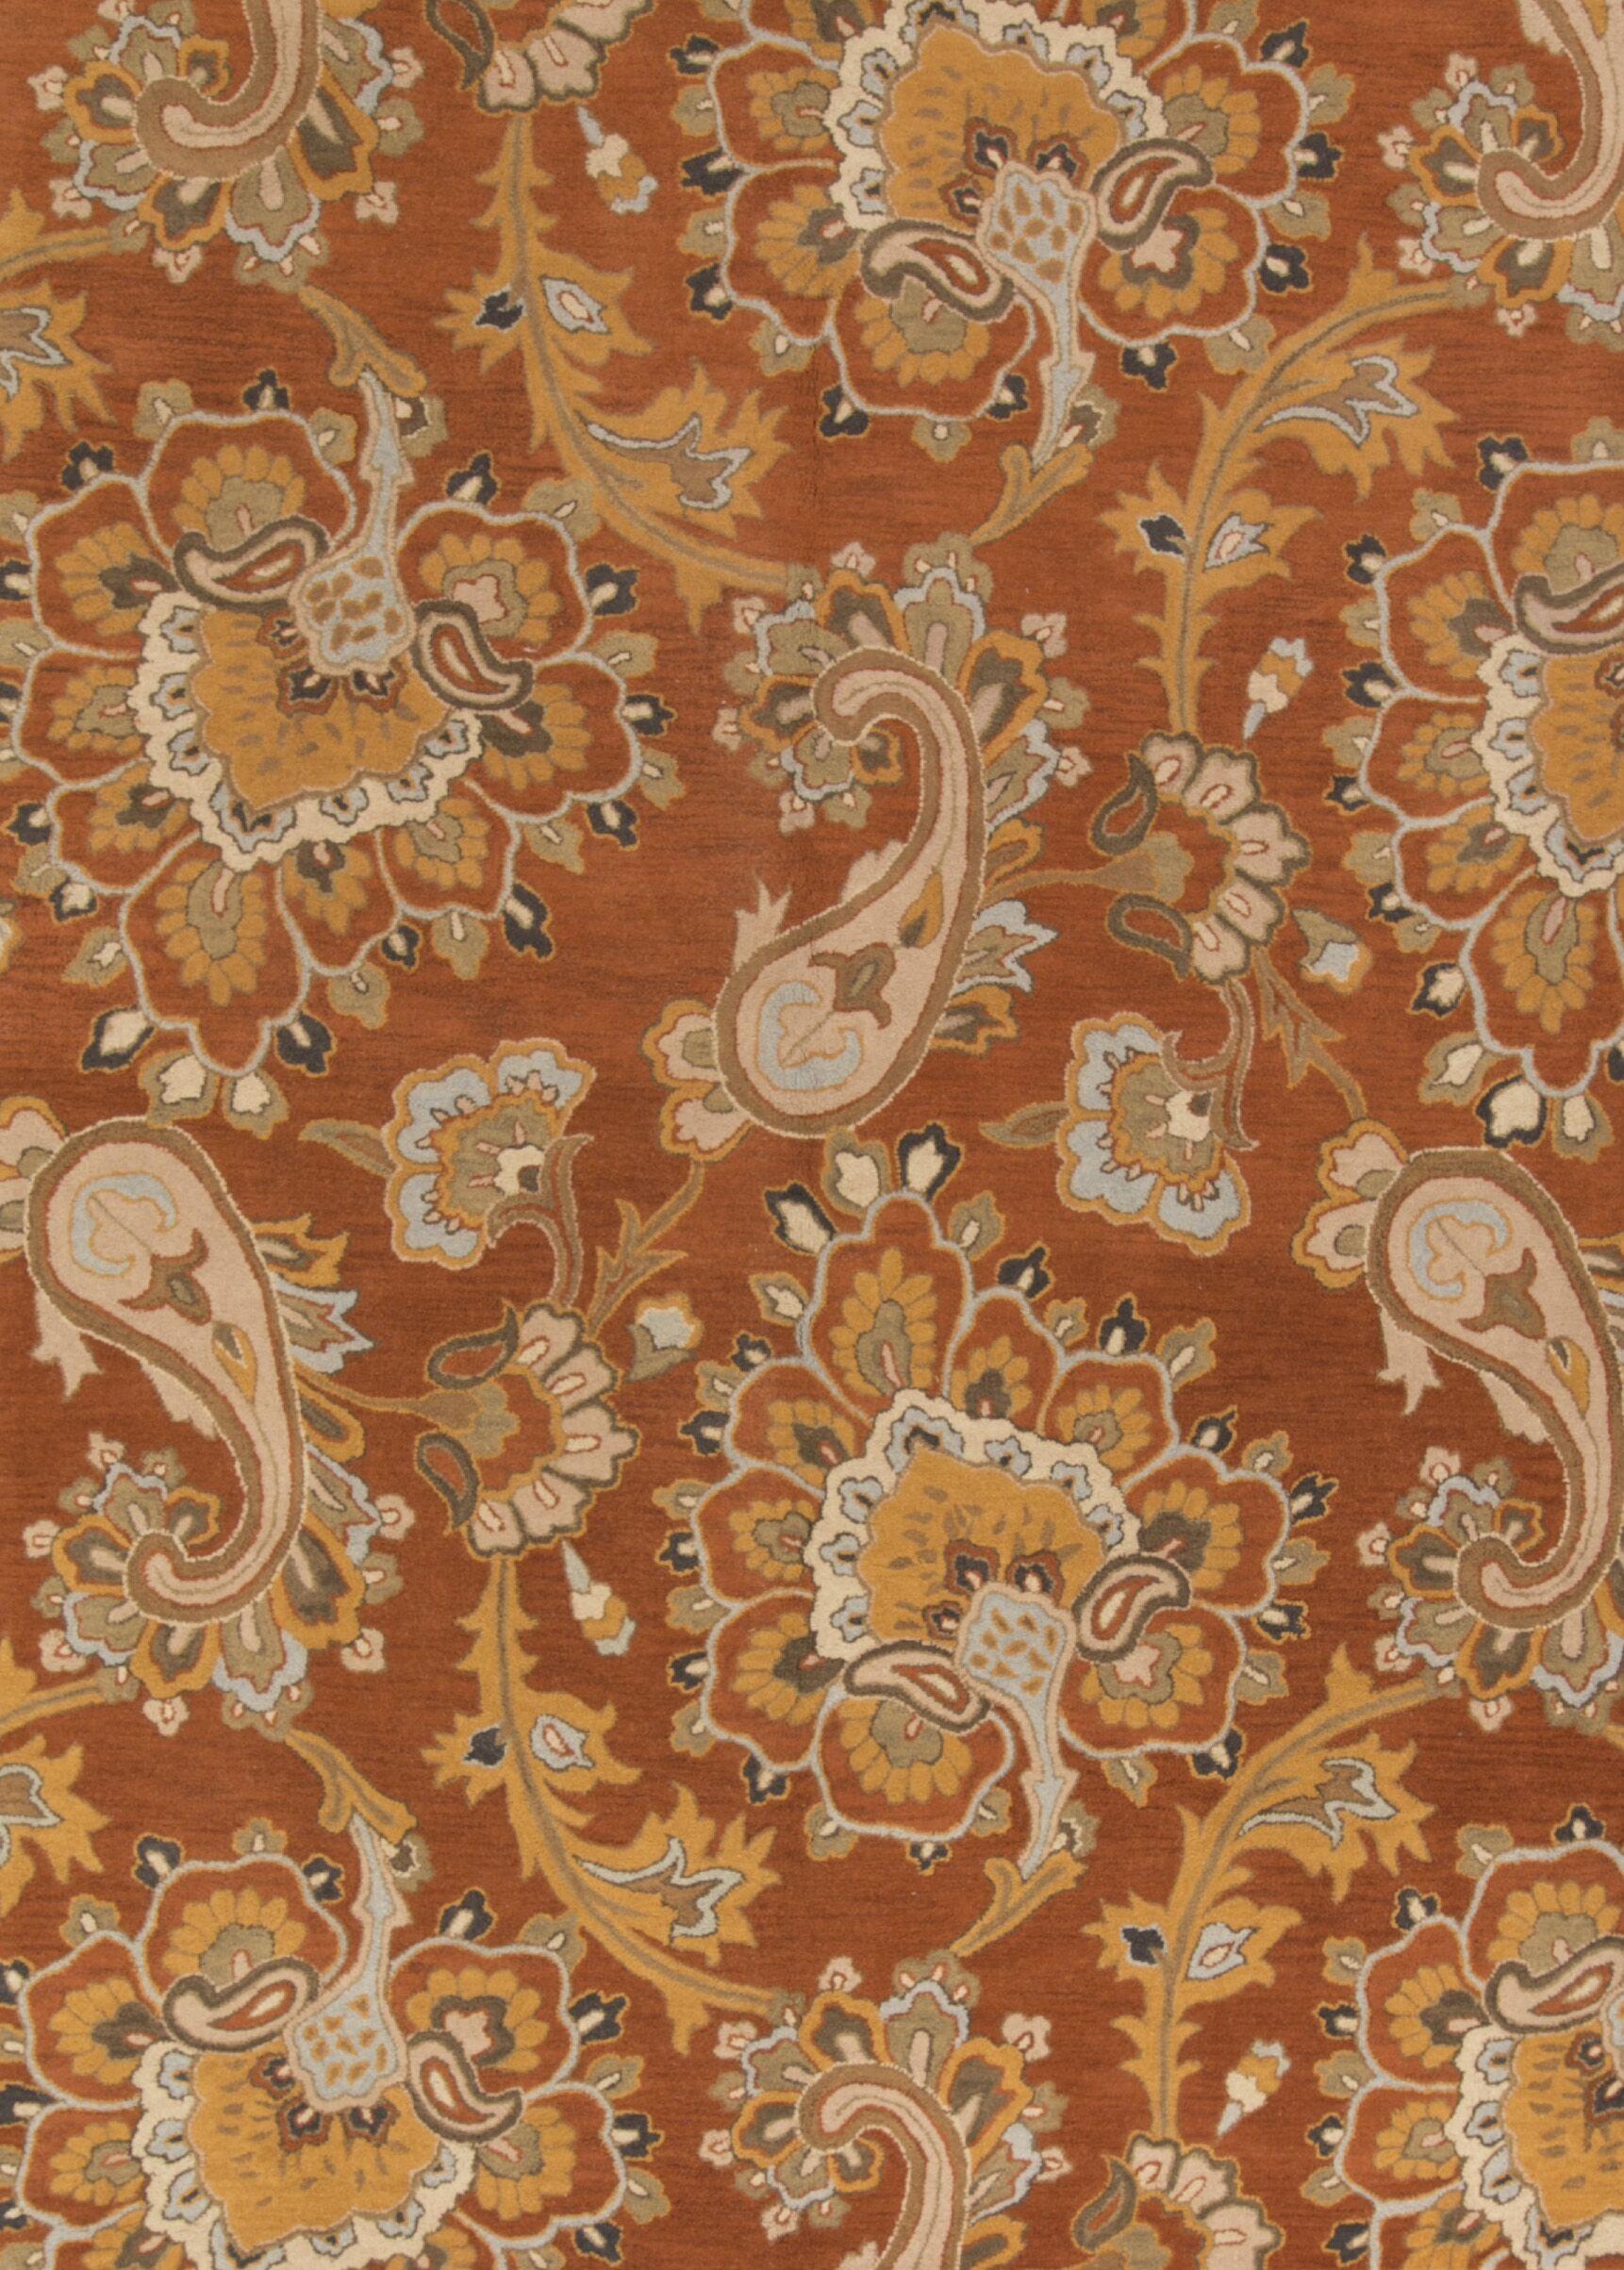 Miranda Agra Oriental Hand-Tufted Wool Orange/Rust Area Rug